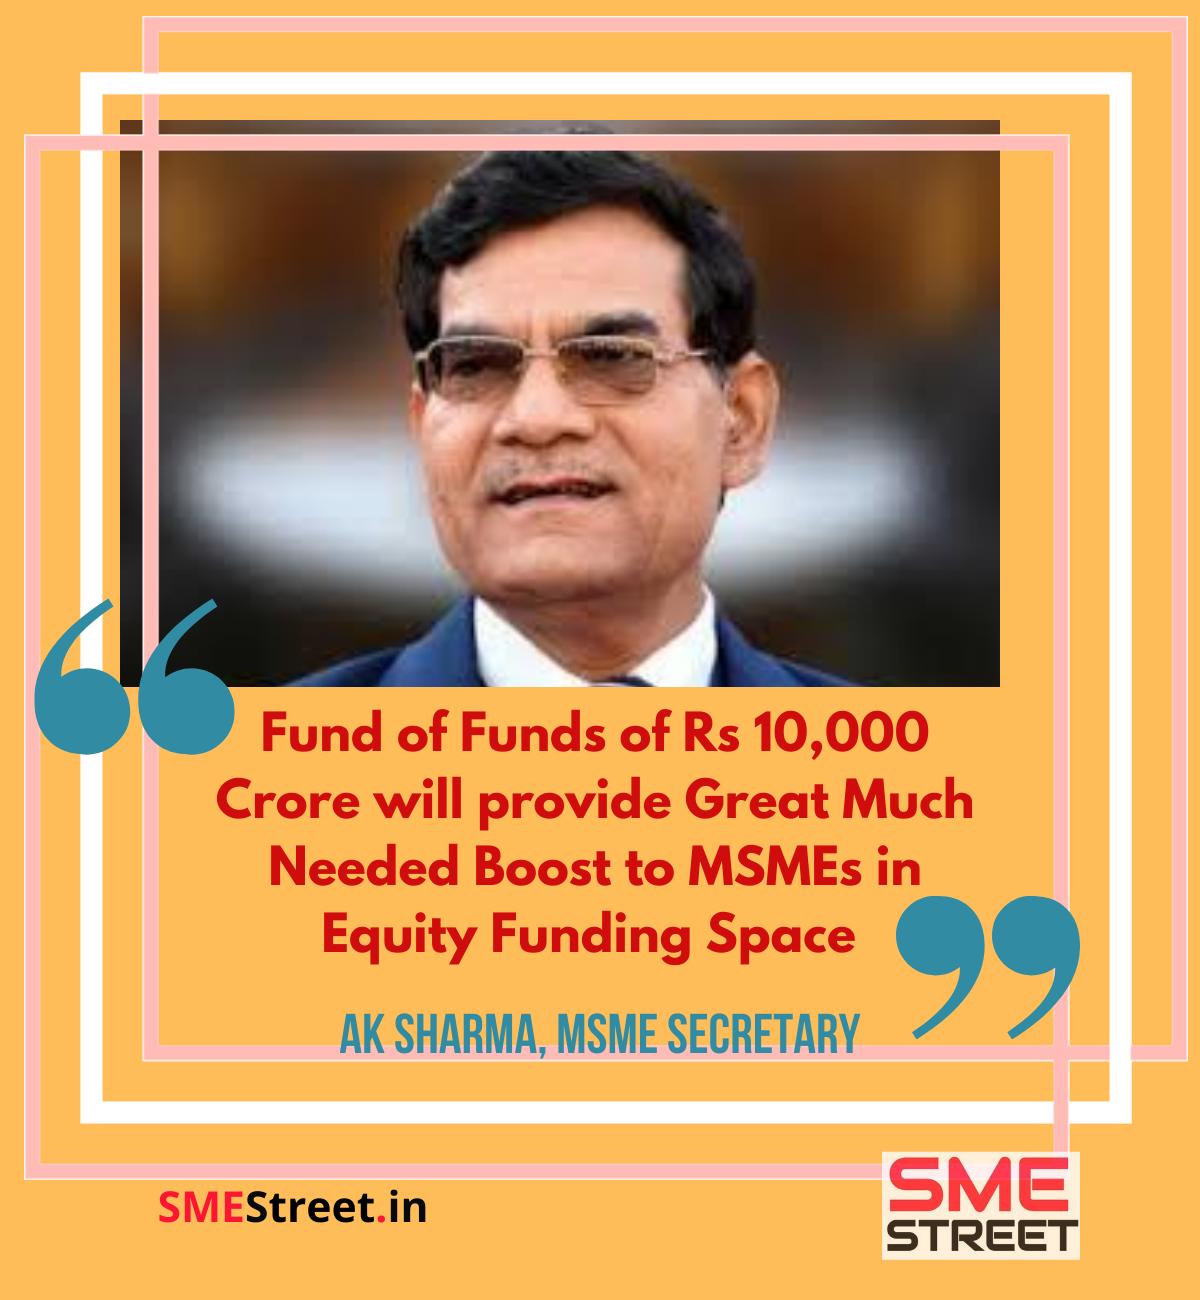 AK Sharma, MSME Secretary, SMEStreet